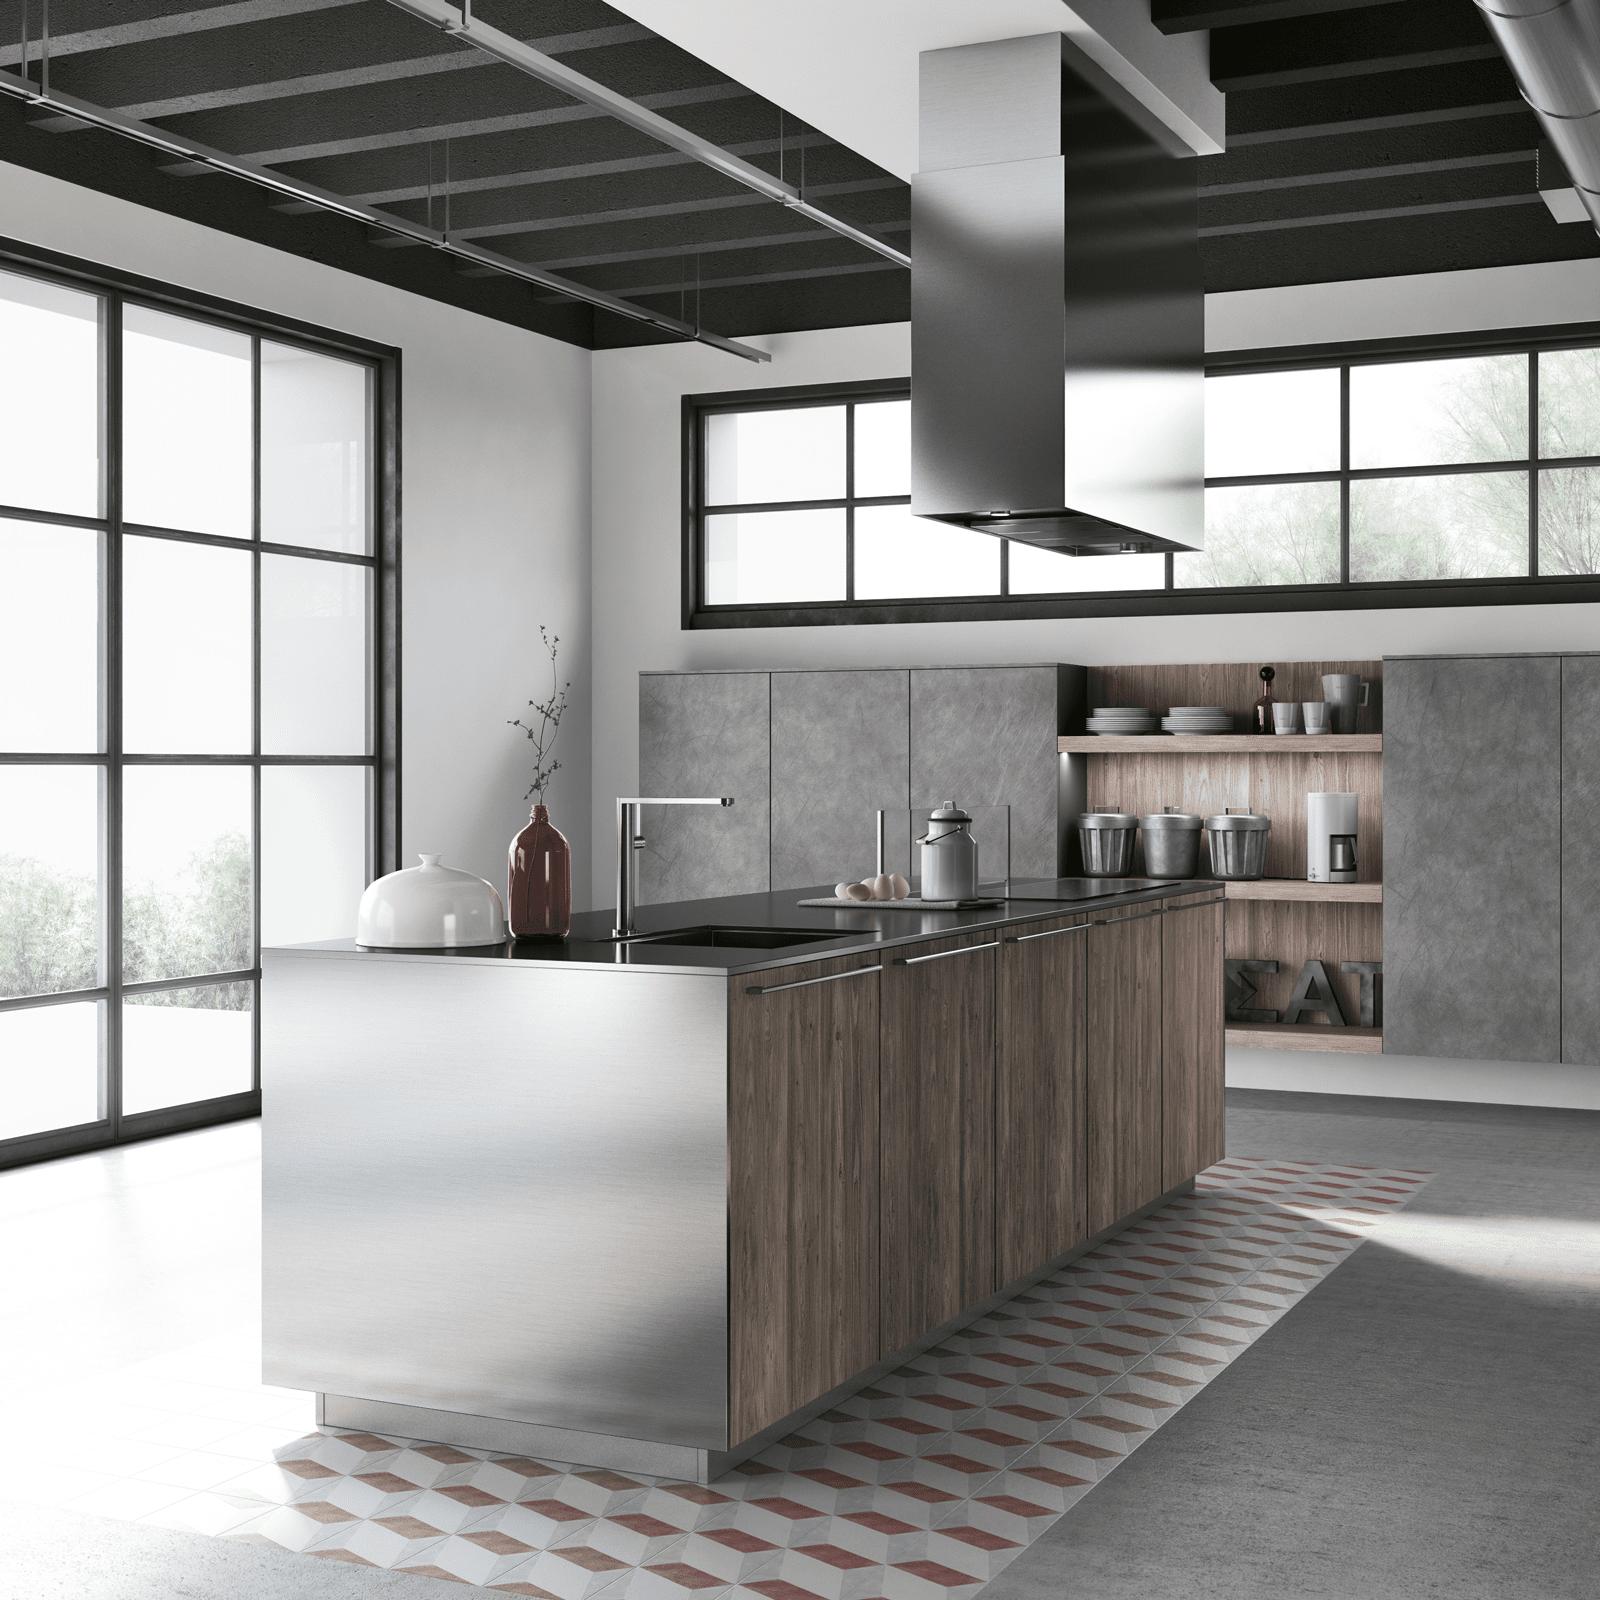 Marche cucine moderne latest cucine moderne marche cucine moderne mobili marche arredamento - Marche cucine moderne ...